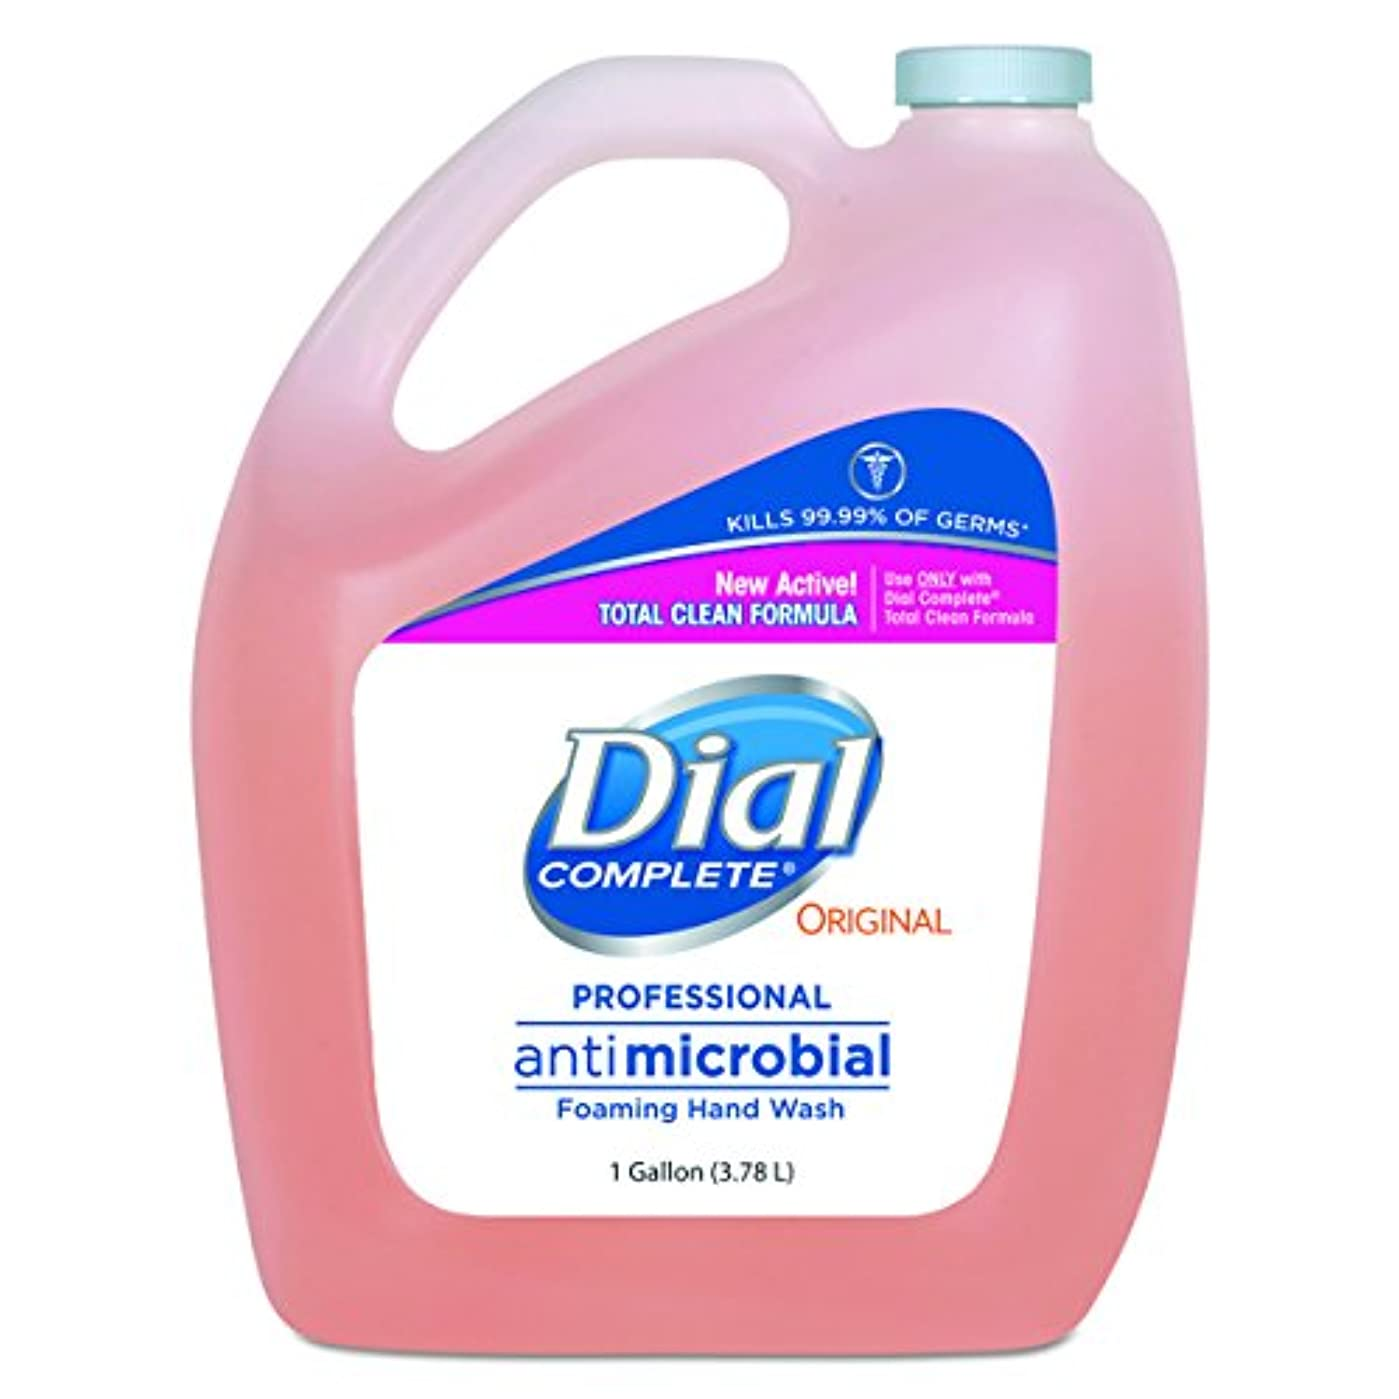 コンデンサー成果どこダイヤルProfessional抗菌Foaming Hand Soap、元香り, 1 gal。、4 /カートン